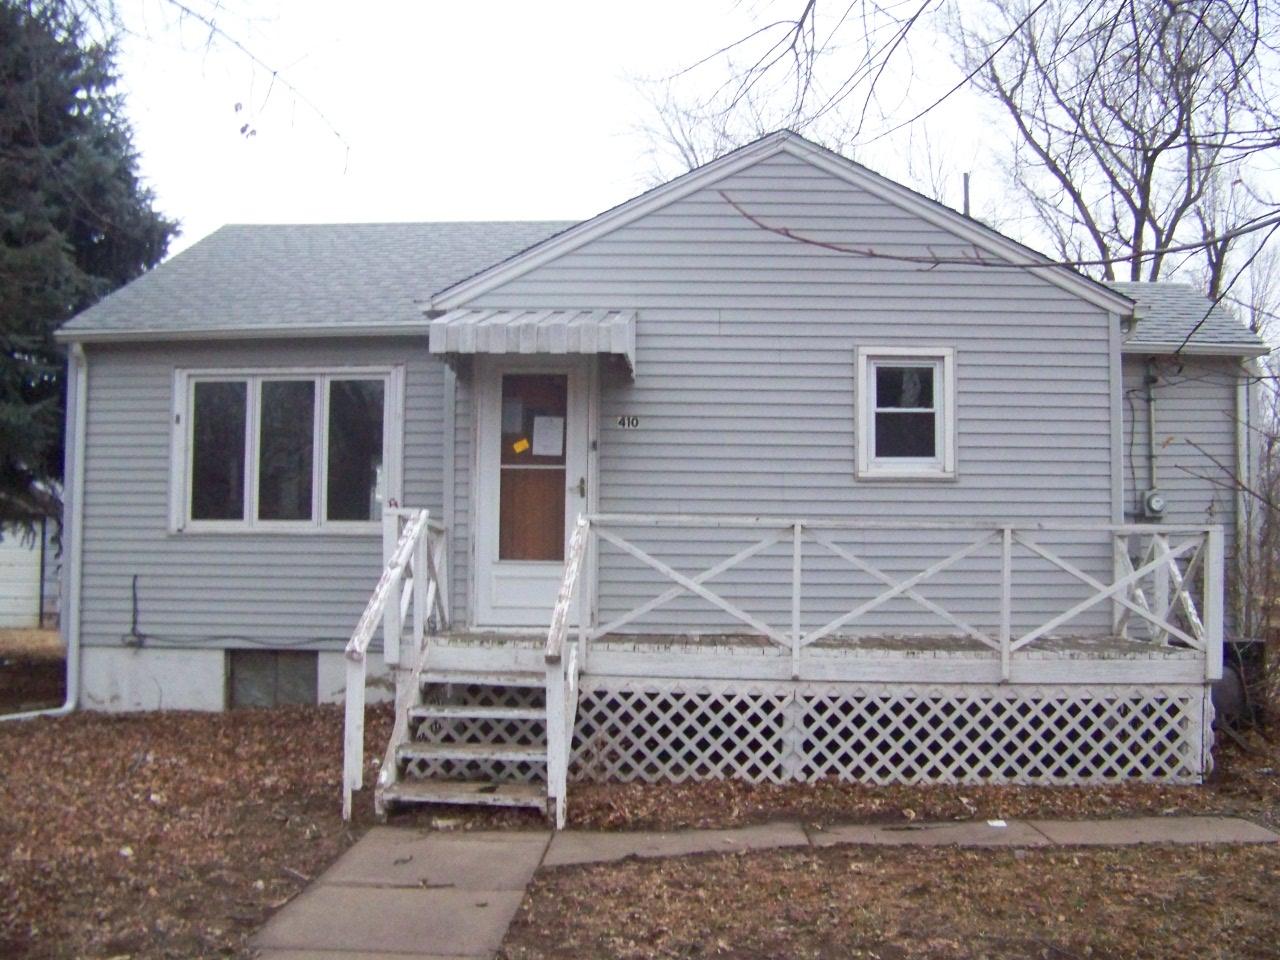 410 S Dinsmore Ave, Lyons, KS 67554